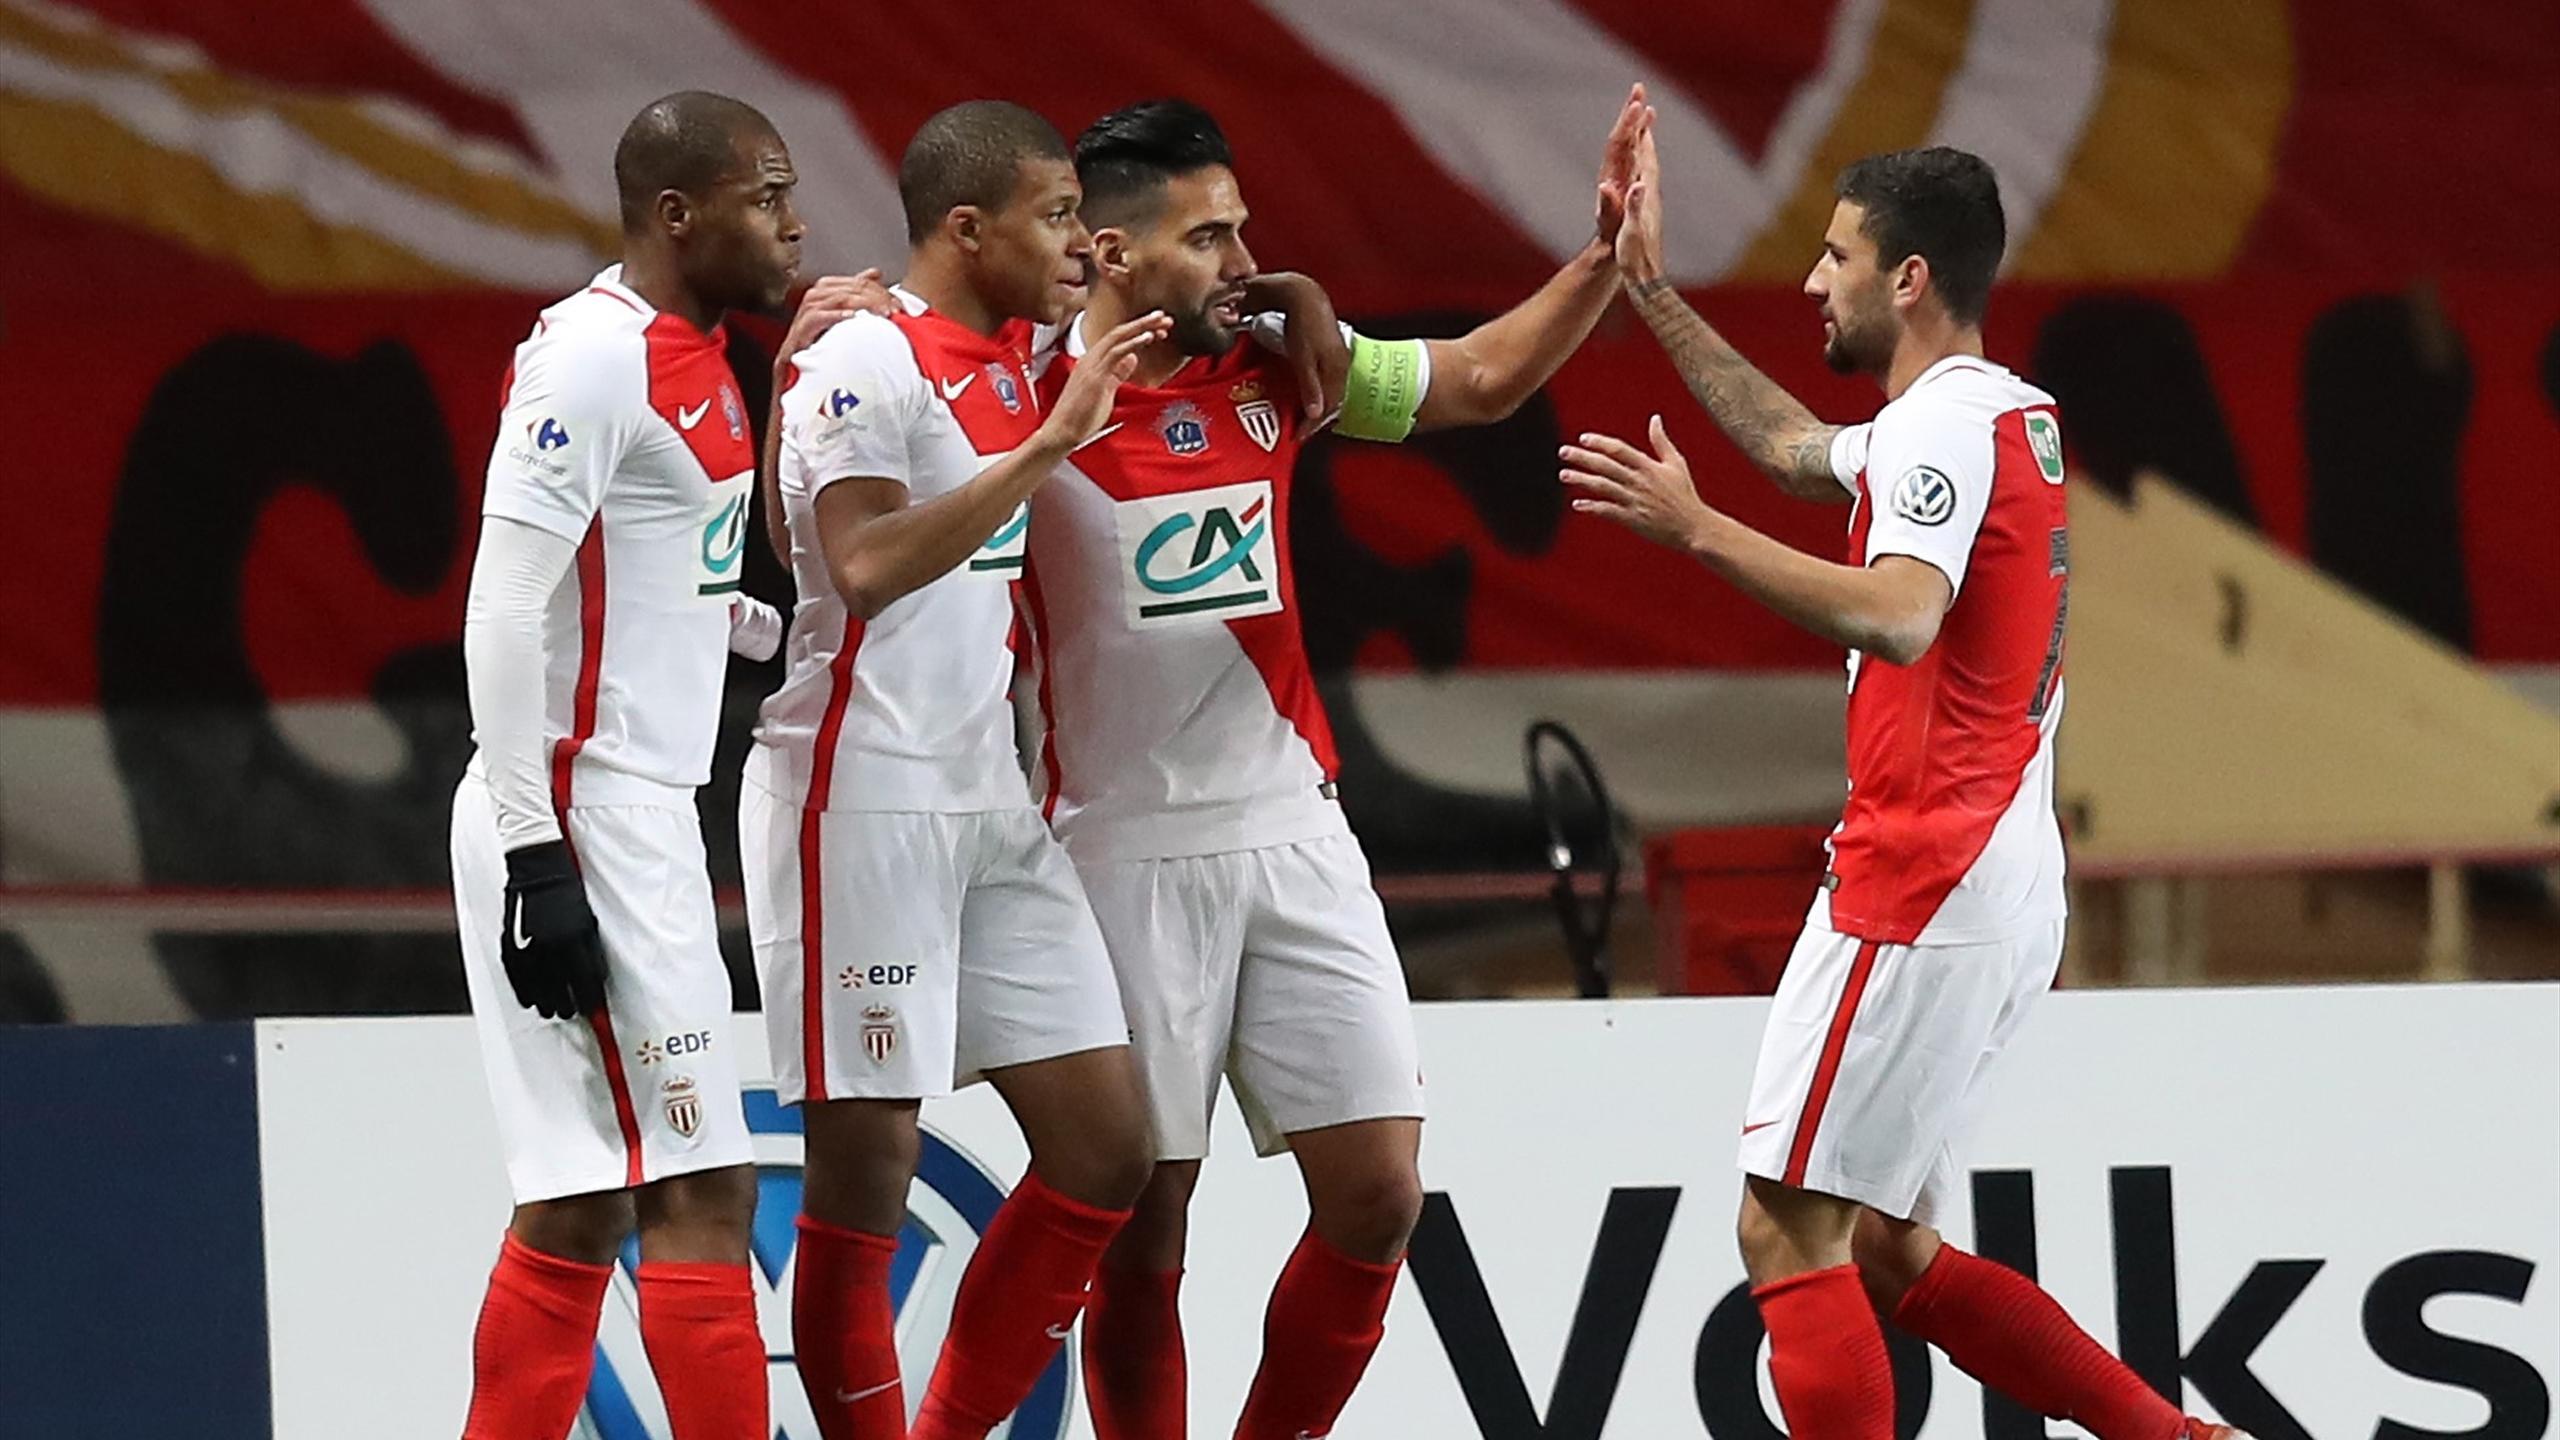 La joie des joueurs de l'AS Monaco après le but de Radamel Falcao contre Ajaccio en Coupe de France